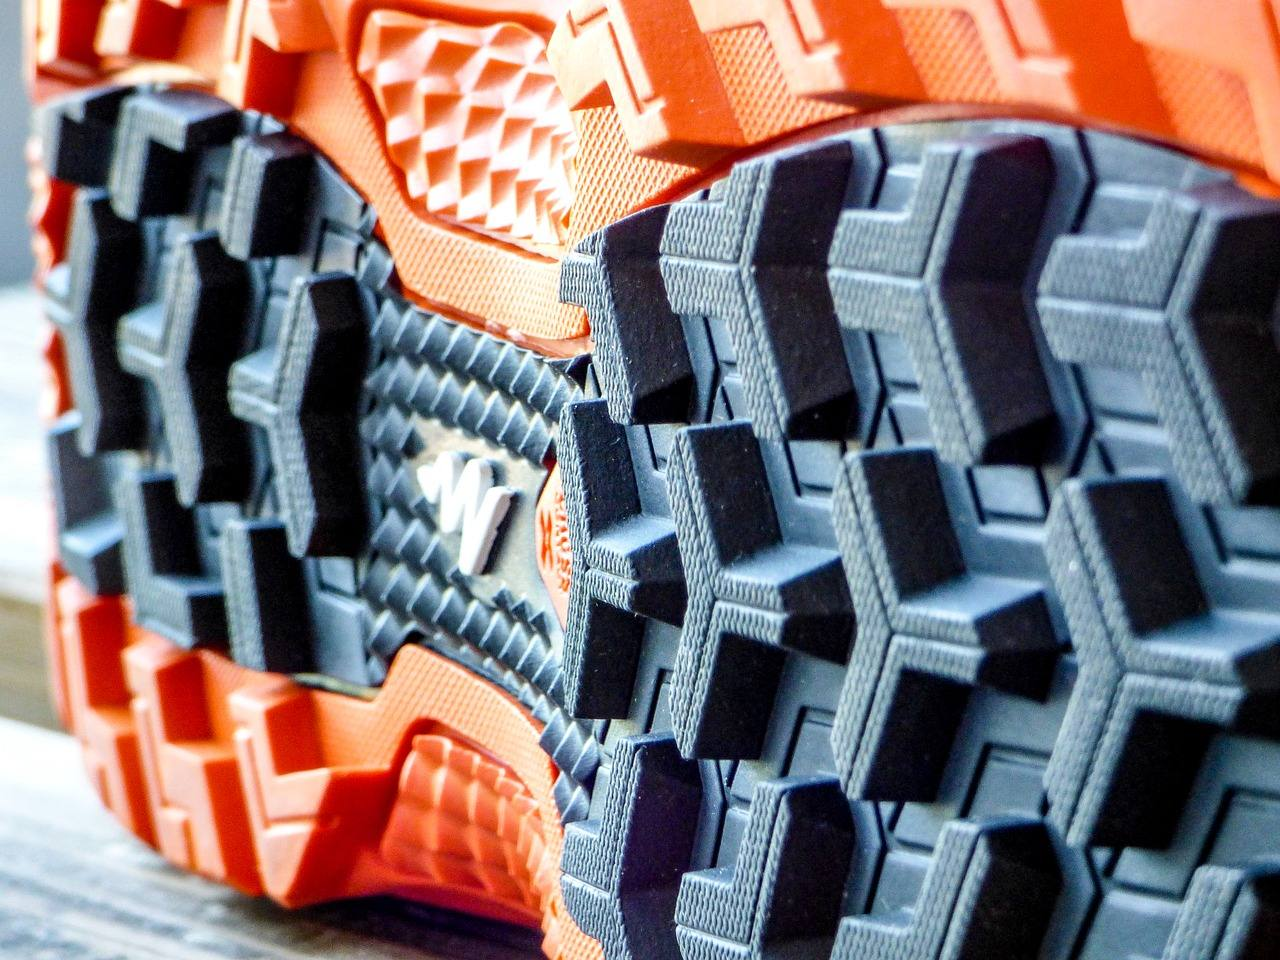 Neben den geeigneten Nordic Walking Stöcken sollten vor allem Schwergewichtige verstärkt auf Walkingschuhe für Übergewichtige achten. Was schwere Nordic Walker beim Schuhe kaufen beachten sollten, erfahren Sie im folgenden Artikel. Vor allem übergewichtige Menschen profitieren vom Nordic Walking. Regelmäßiges Walking erhöht den Energieverbrauch und reduziert Stresshormone (Cortisol) - beides wirkt sich positiv auf die gewünschte Gewichtsreduzierung aus. Auch Nordic Walking gilt schonend für die Gelenke. Das Schaftmaterial trägt zu einer guten Passform und einem festen Halt bei. Um beides zu gewährleisten, sollten schwere Nordic Walker darauf achten, dass das Schaftmaterial den Fuß sicher und ohne störenden Druck umgibt.